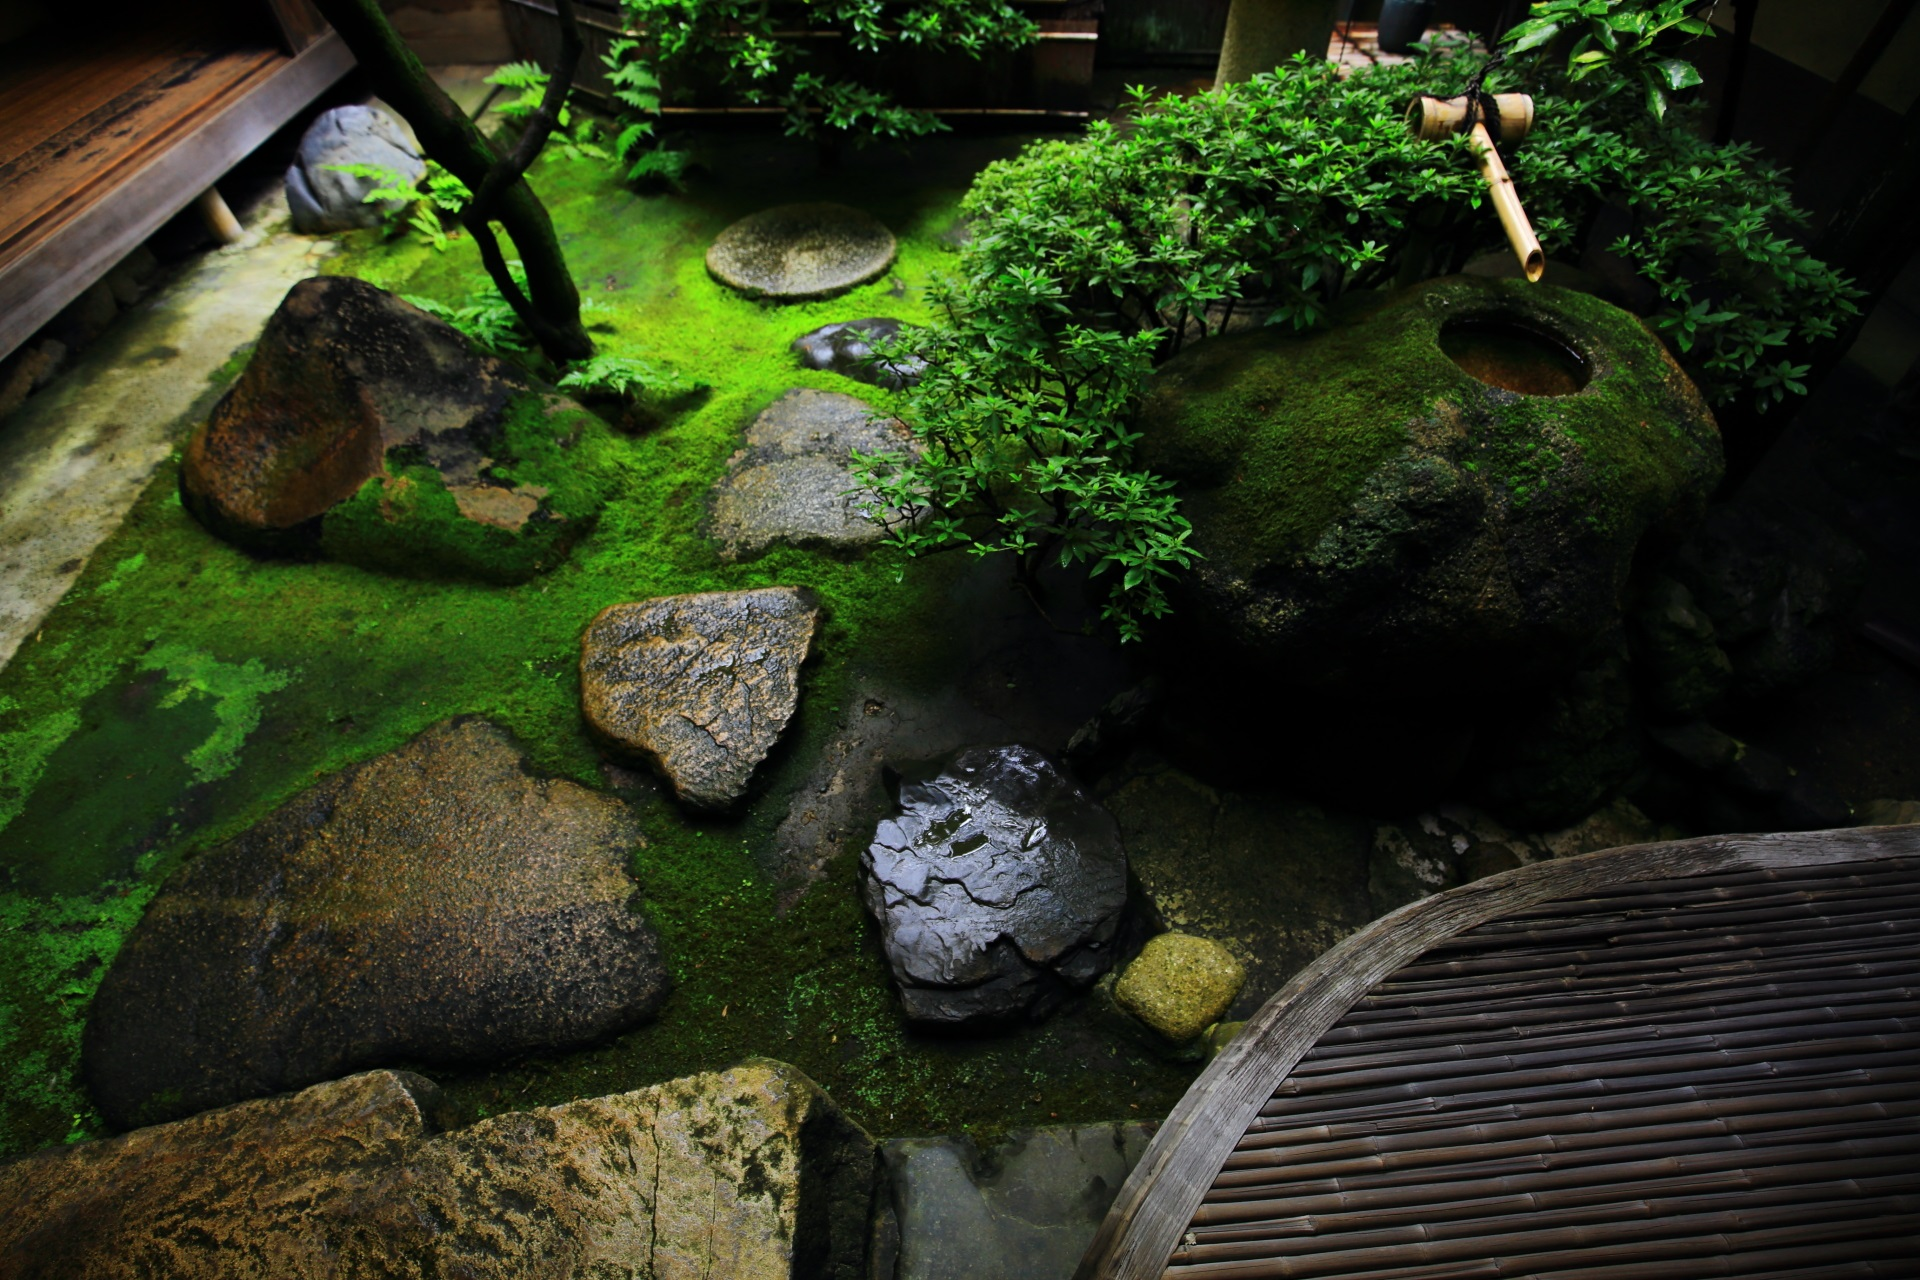 趣きある手水鉢のある角屋の中庭